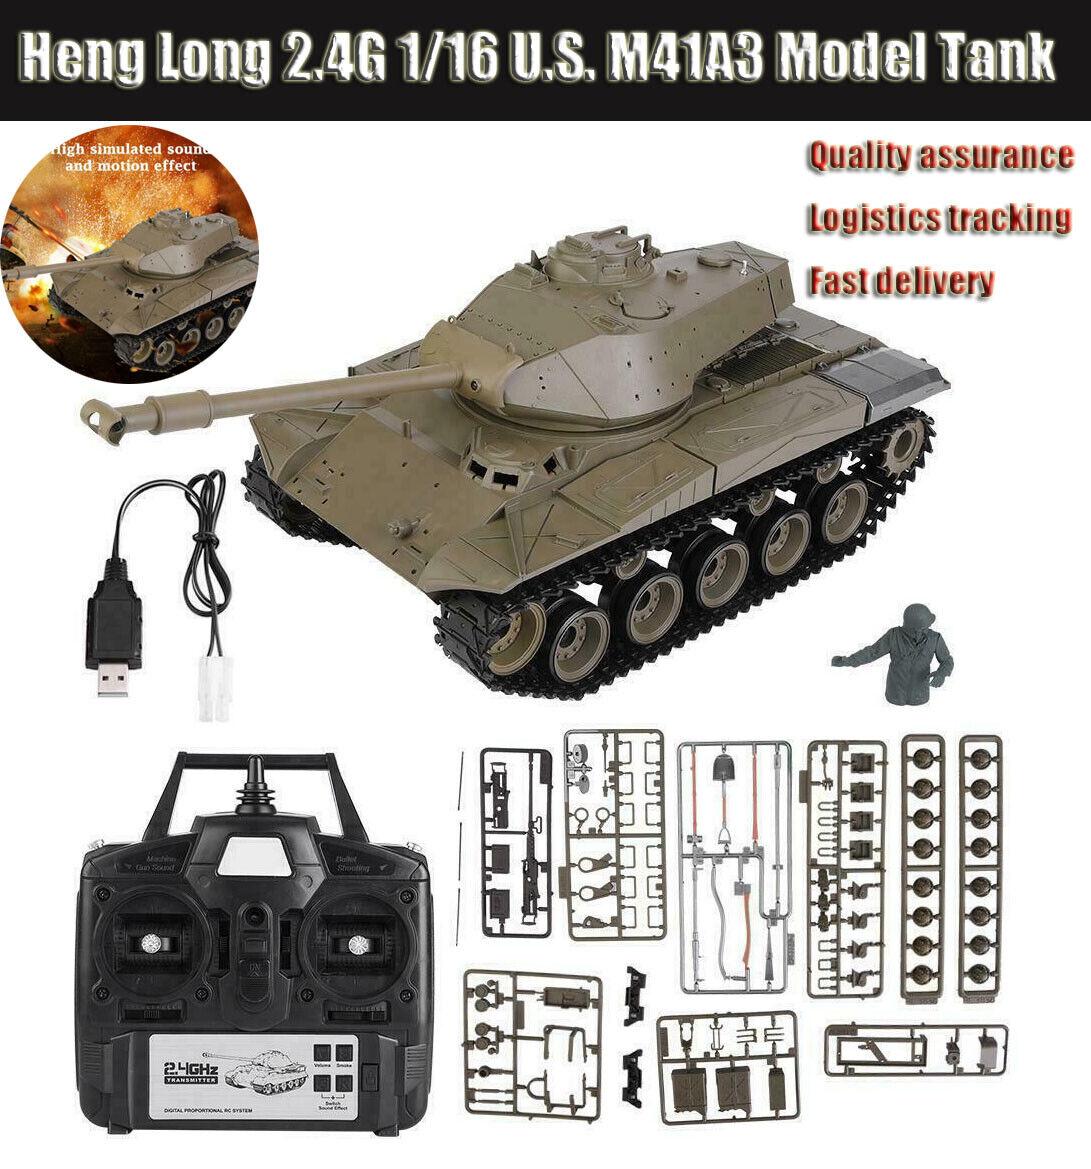 Heng lungo Upgrade 1 16 U.S. M41A3 modello TANK  2.4G 3839-1 HL RC Tank Pro edizione  a buon mercato